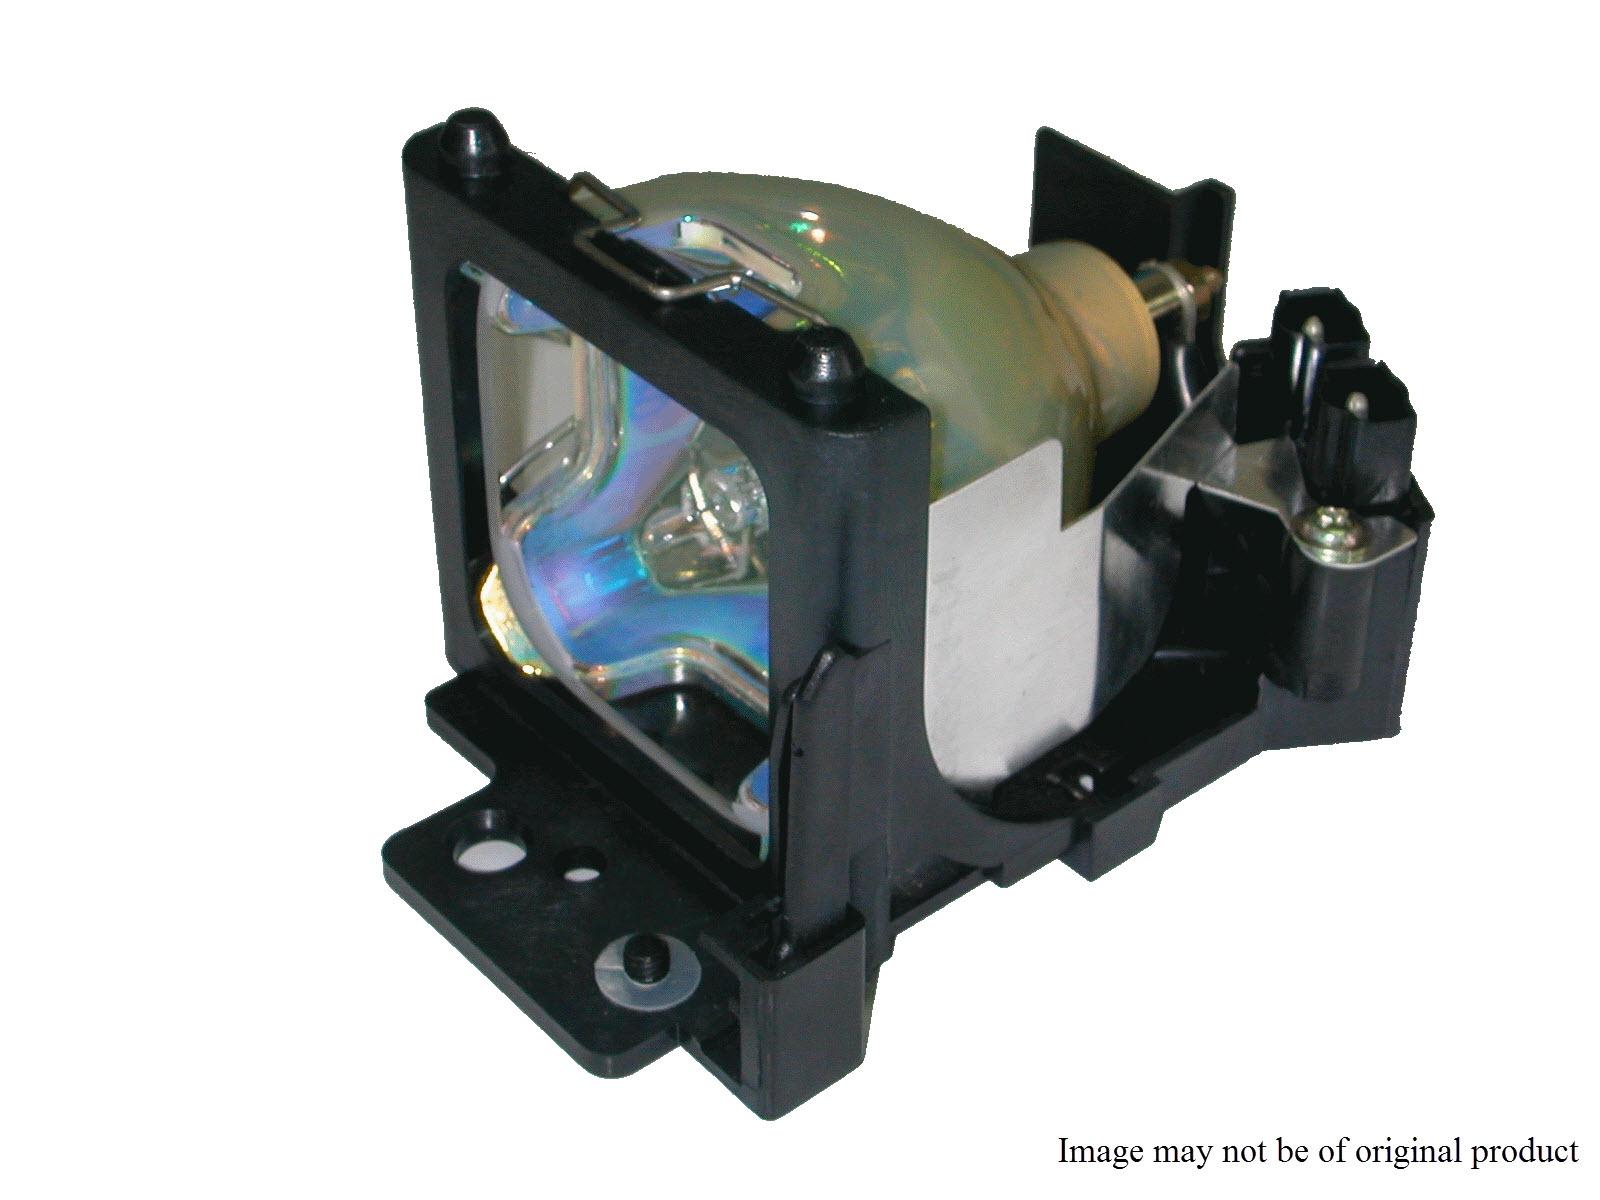 V7 VPL2191-1E 185W projection lamp